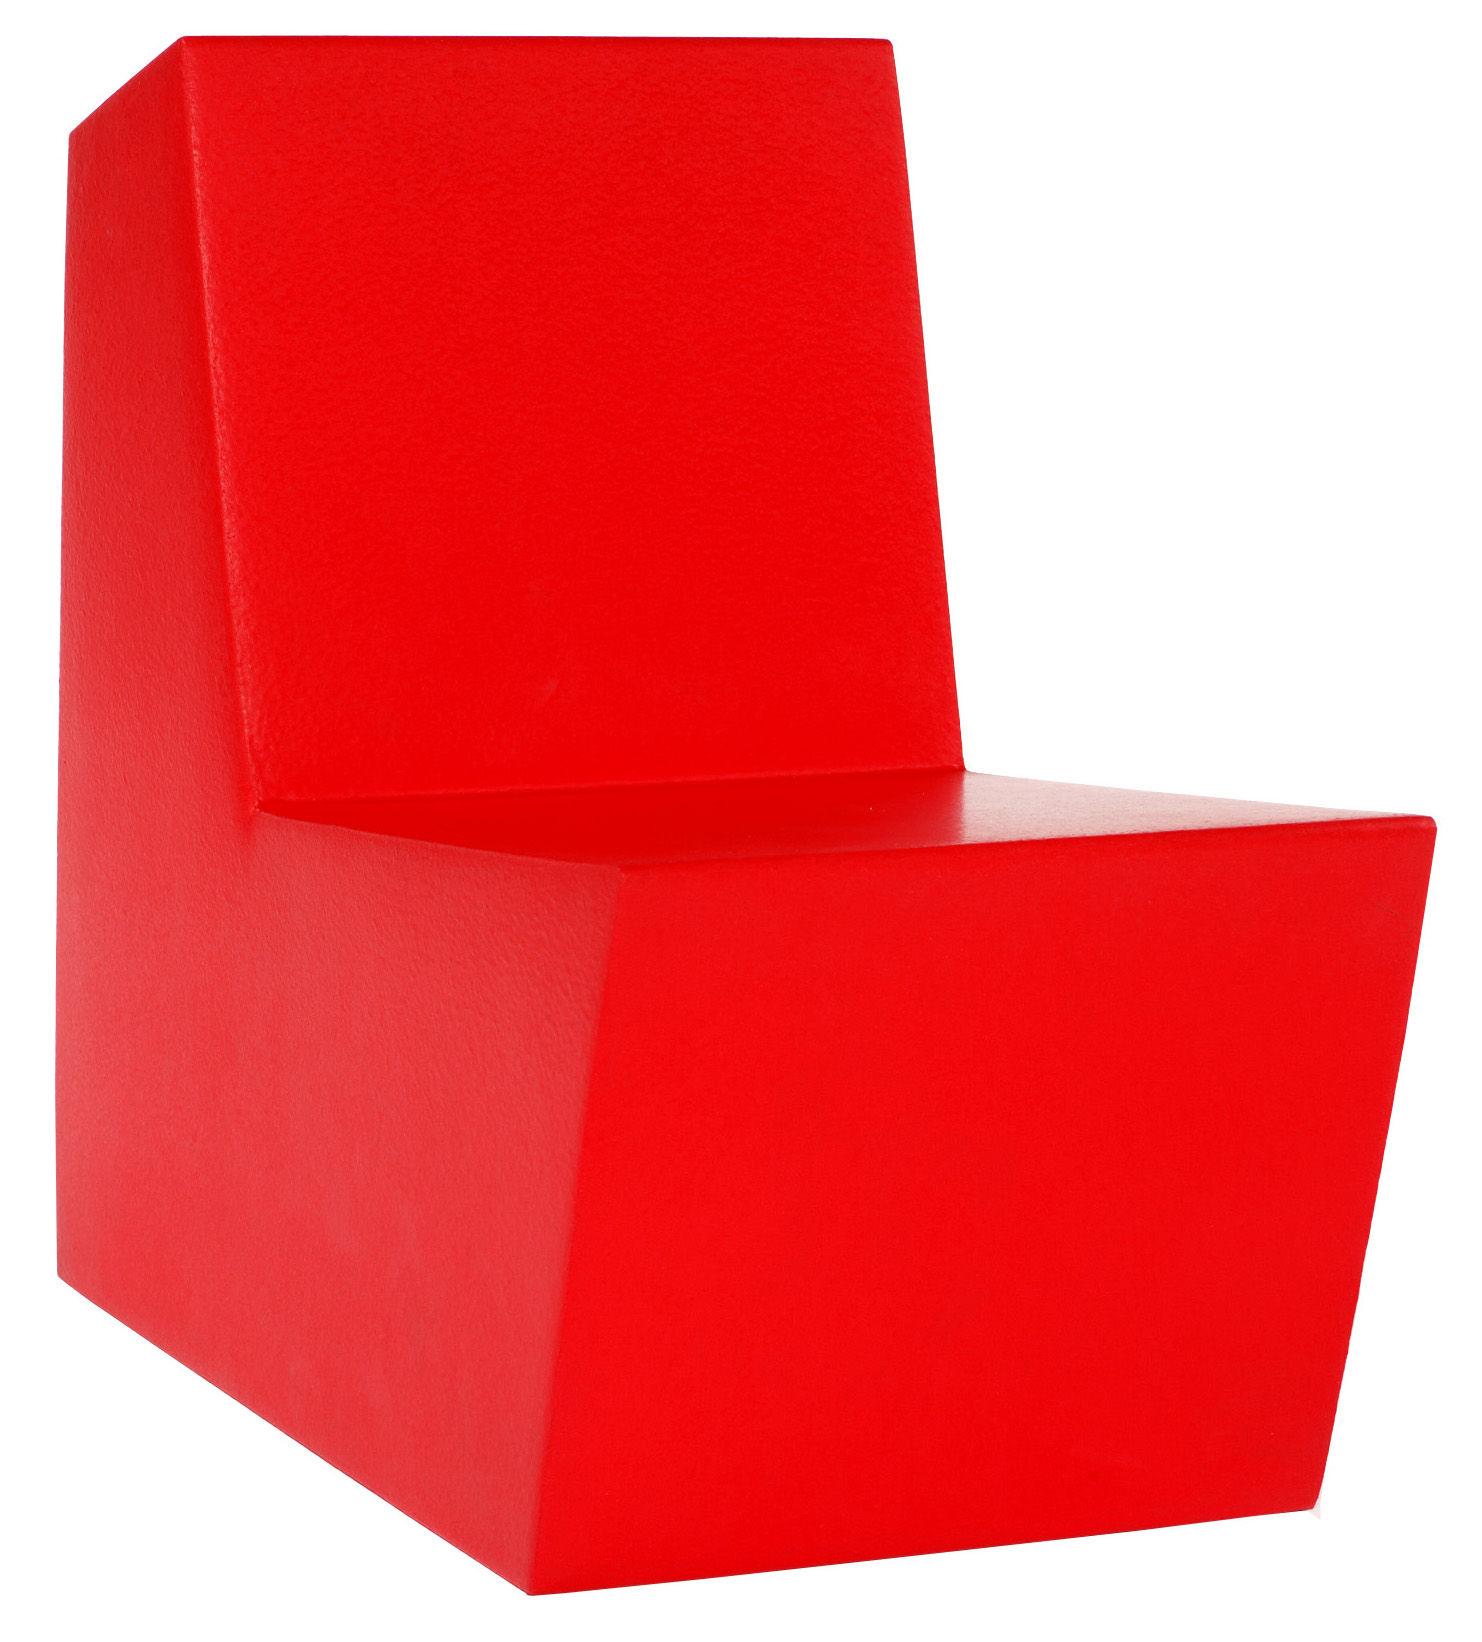 Furniture - Kids Furniture - Minus Primary Solo Children armchair by Quinze & Milan - Red - Polyurethane foam